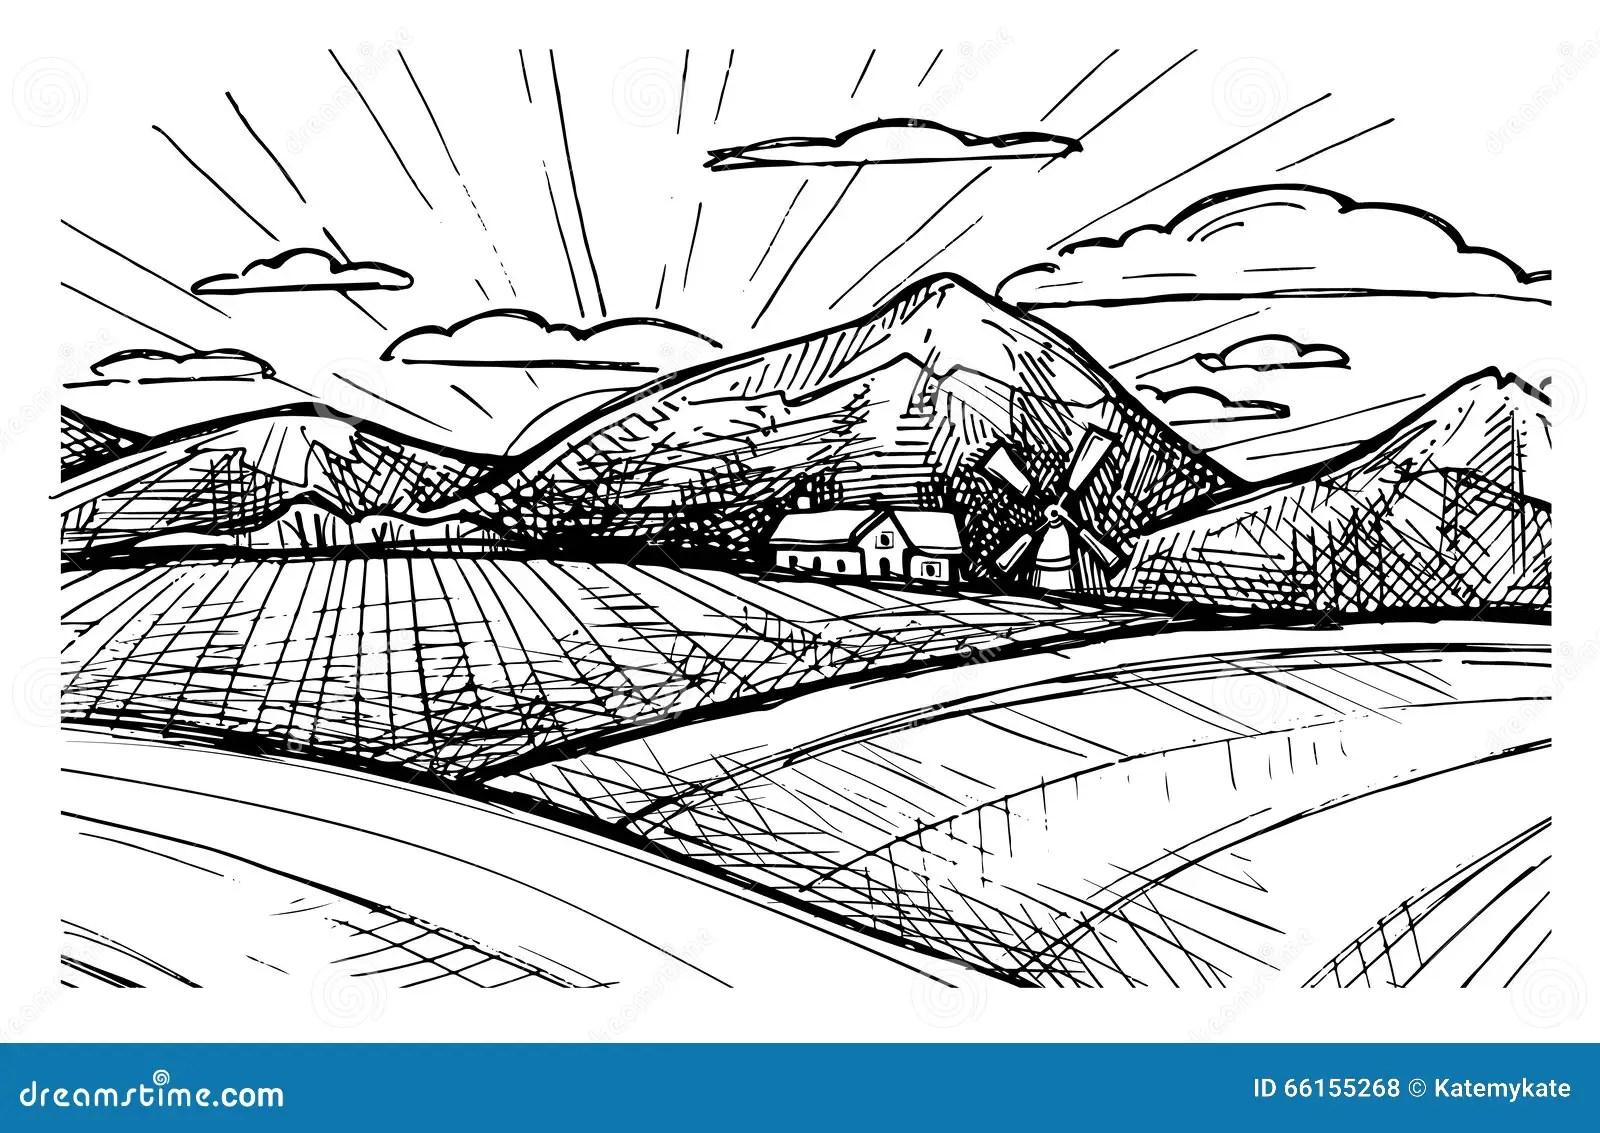 Vector Illustration Of Farm. Vector Illustration